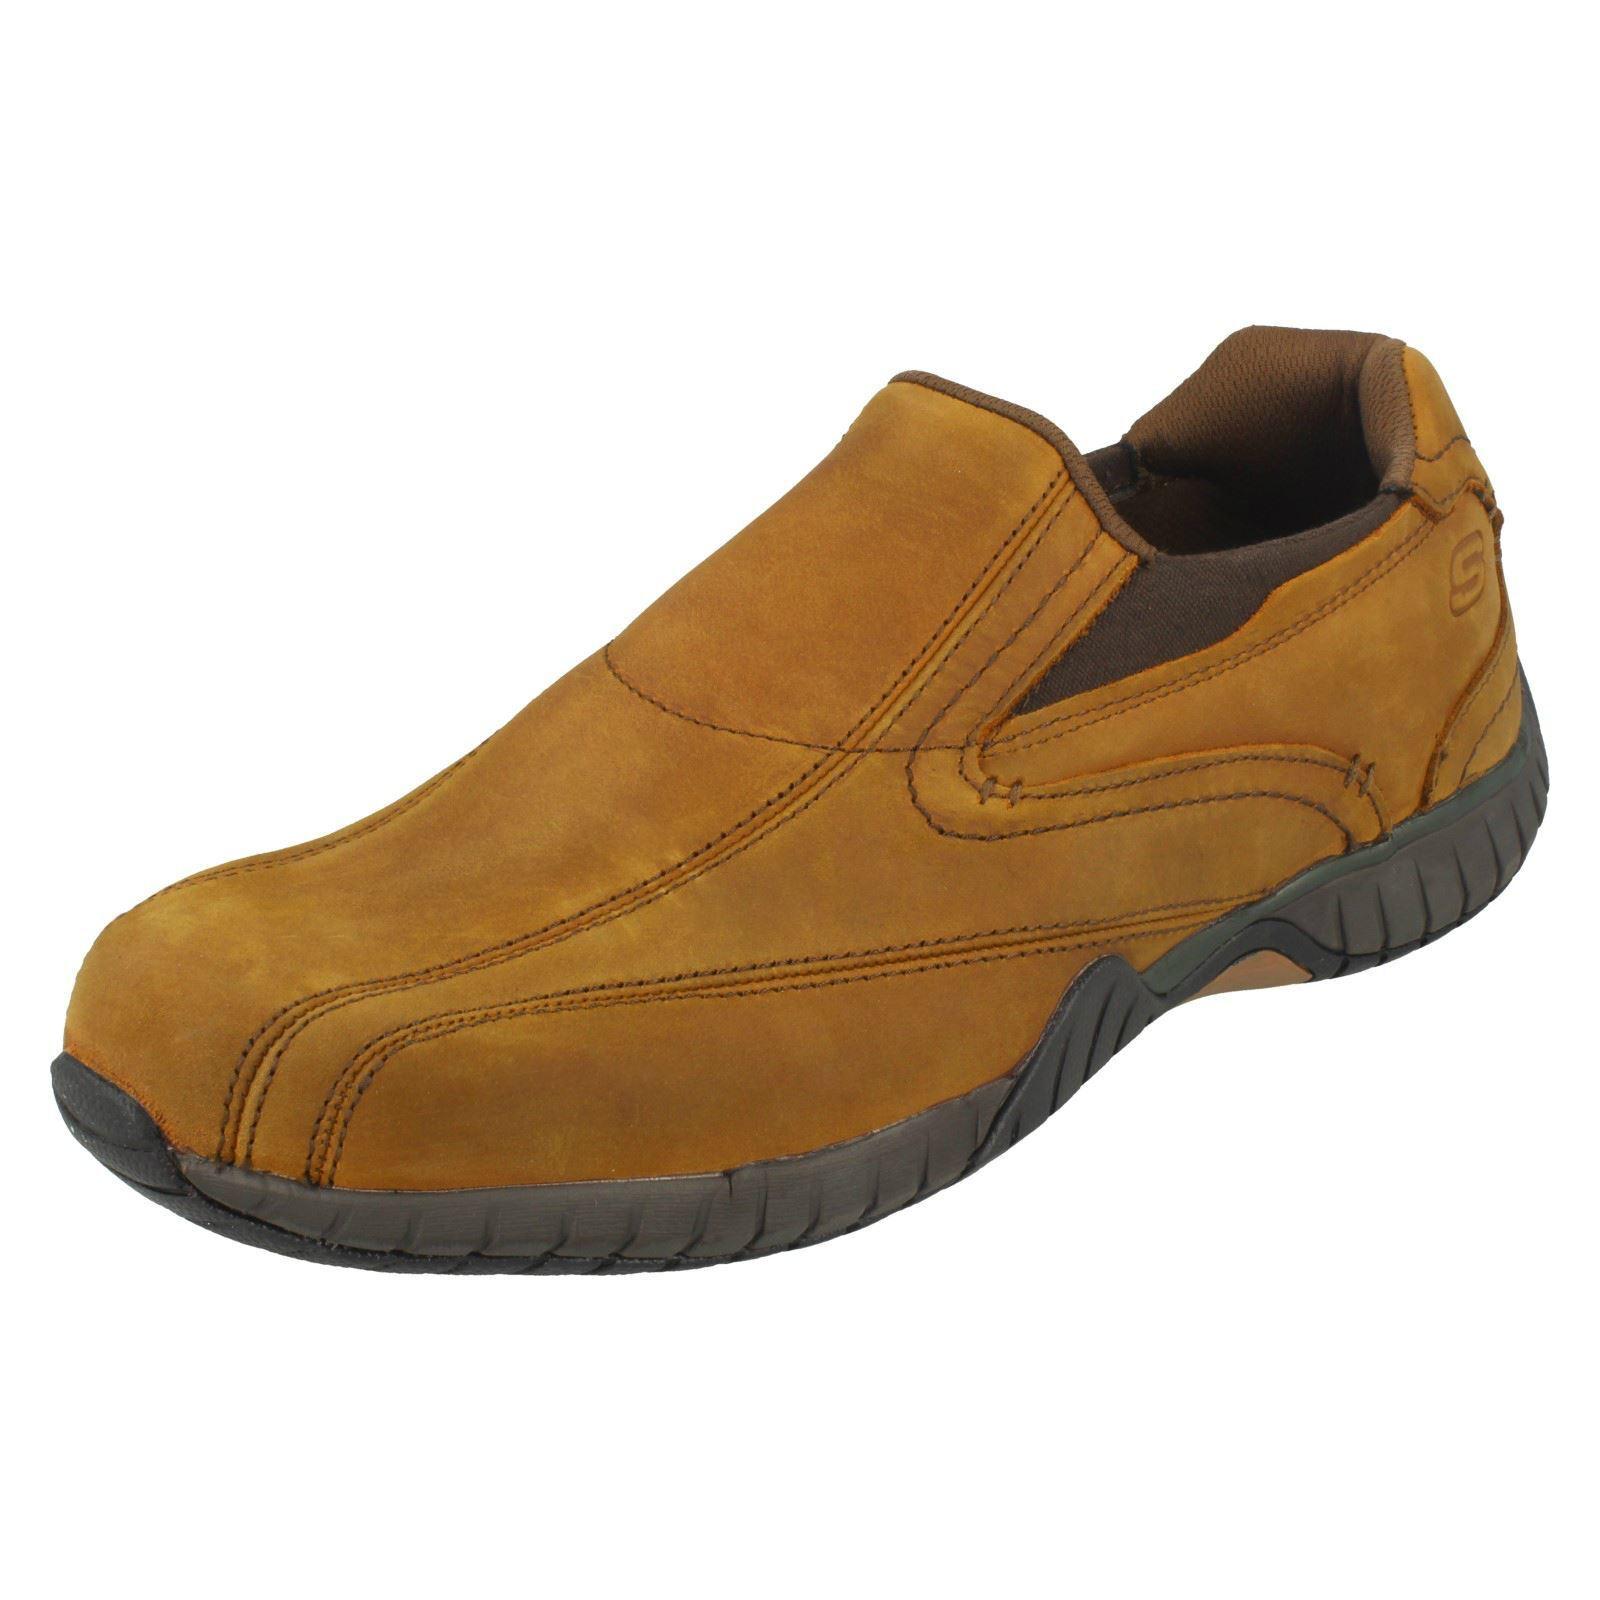 Uomo Skechers Slip 65287 Sendro-Bascom Leder Casual Slip Skechers On Schuhes a5f755